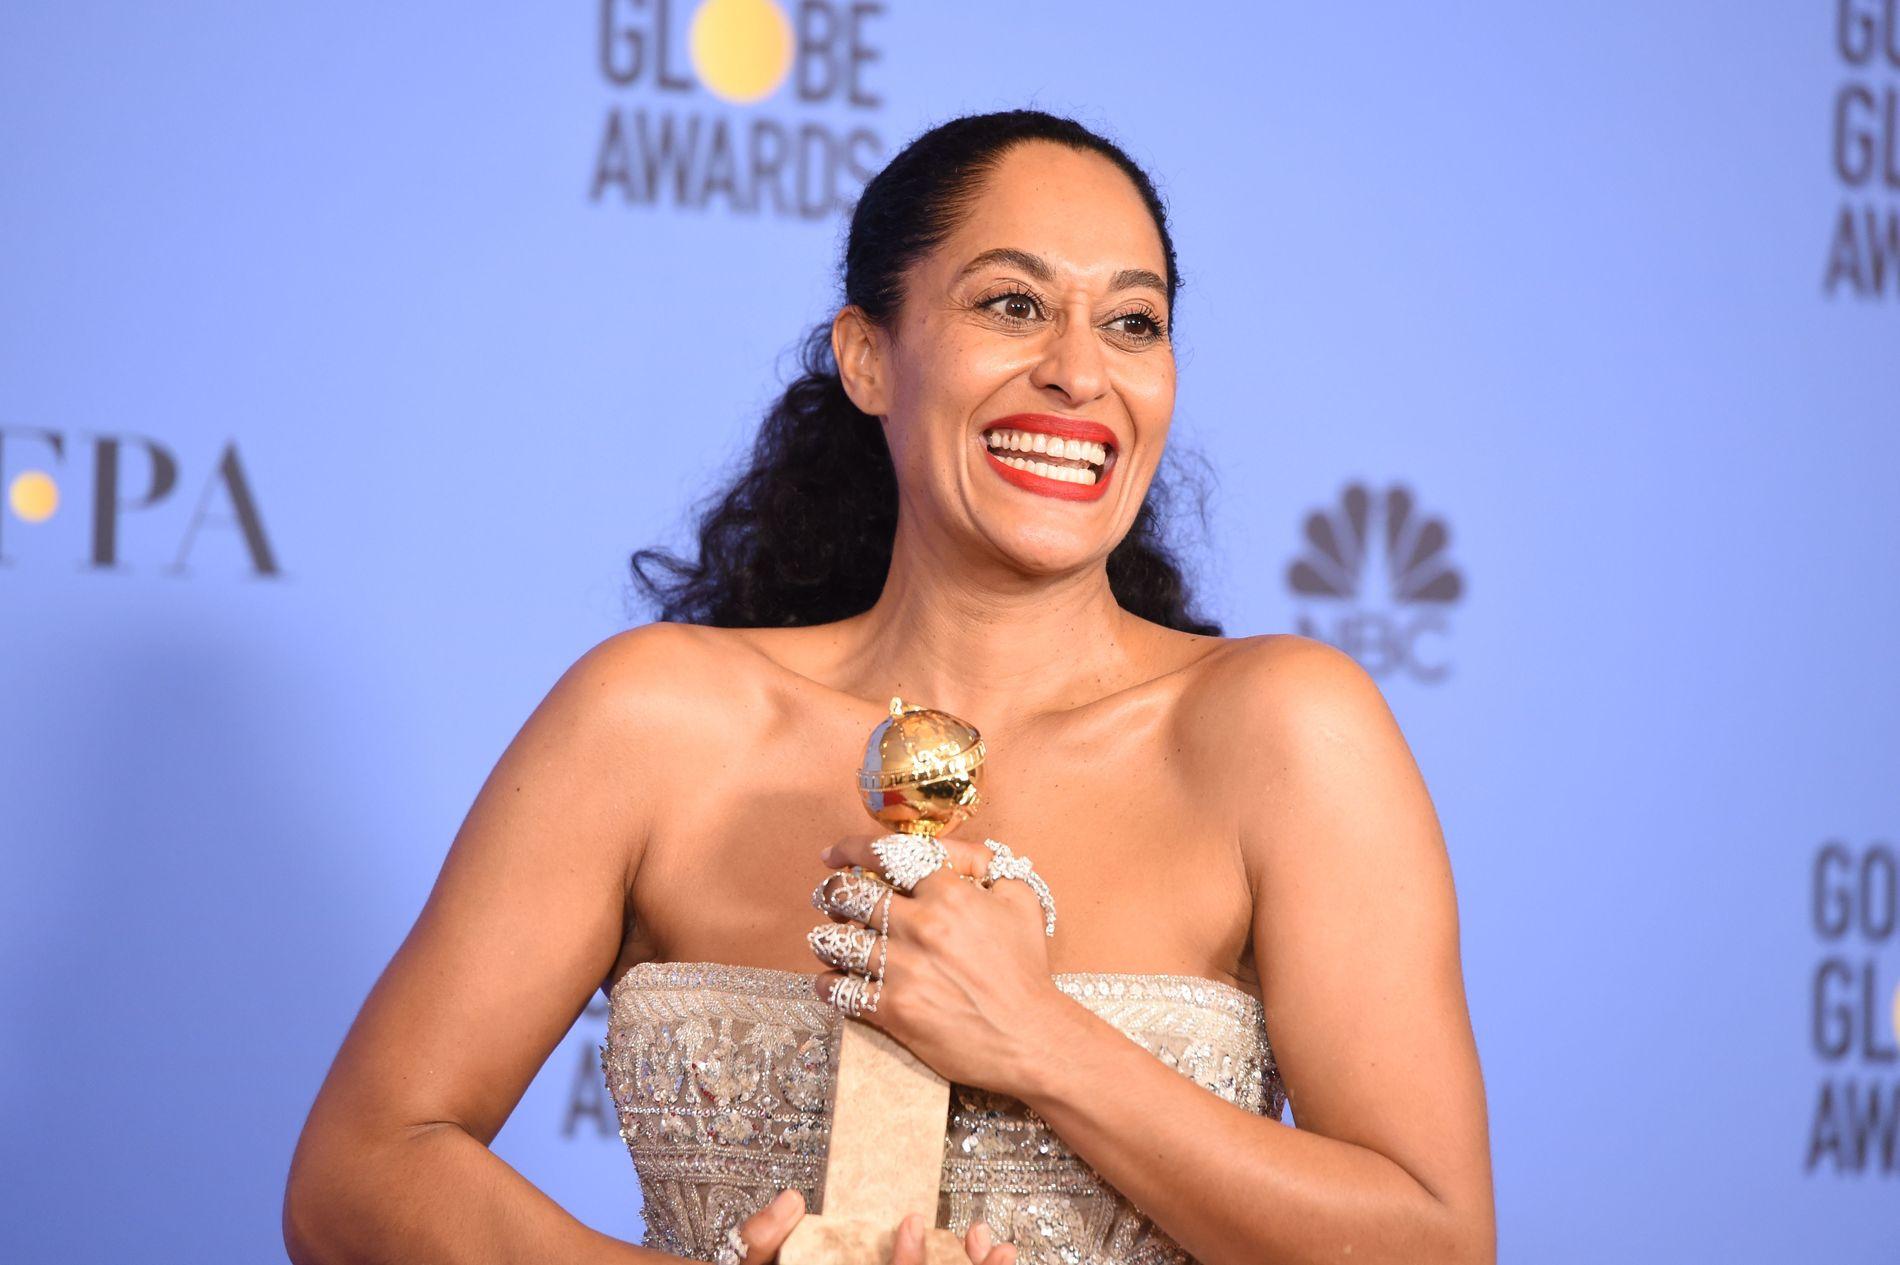 PRISVINNER: Tracee Ellis Ross' rolle i «Black-ish» ga henne prisen for årets kvinnelige skuespiller i en TV-komedie.